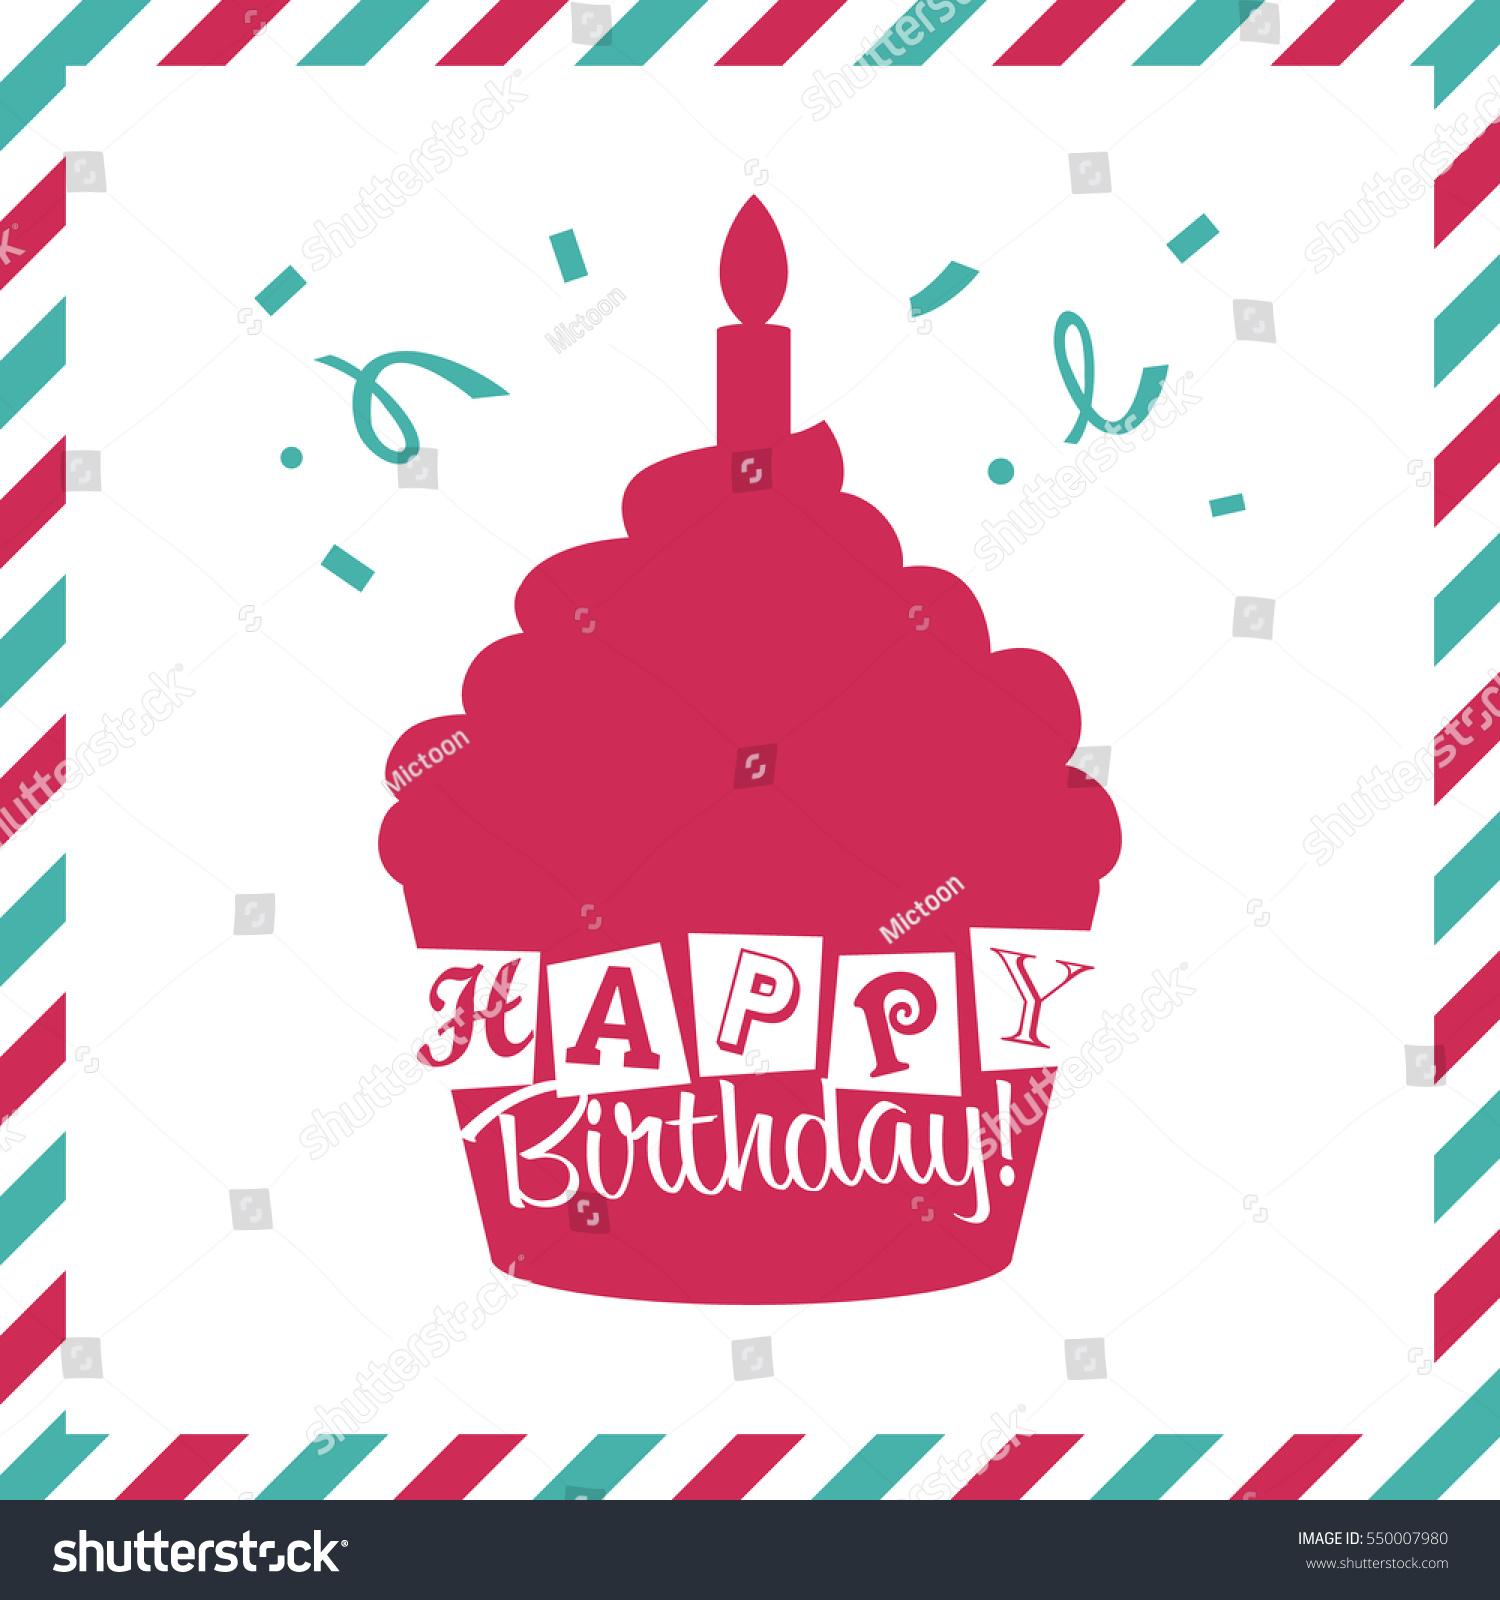 Happy Birthday Invitation Greeting Card Party Stock Photo (Photo ...